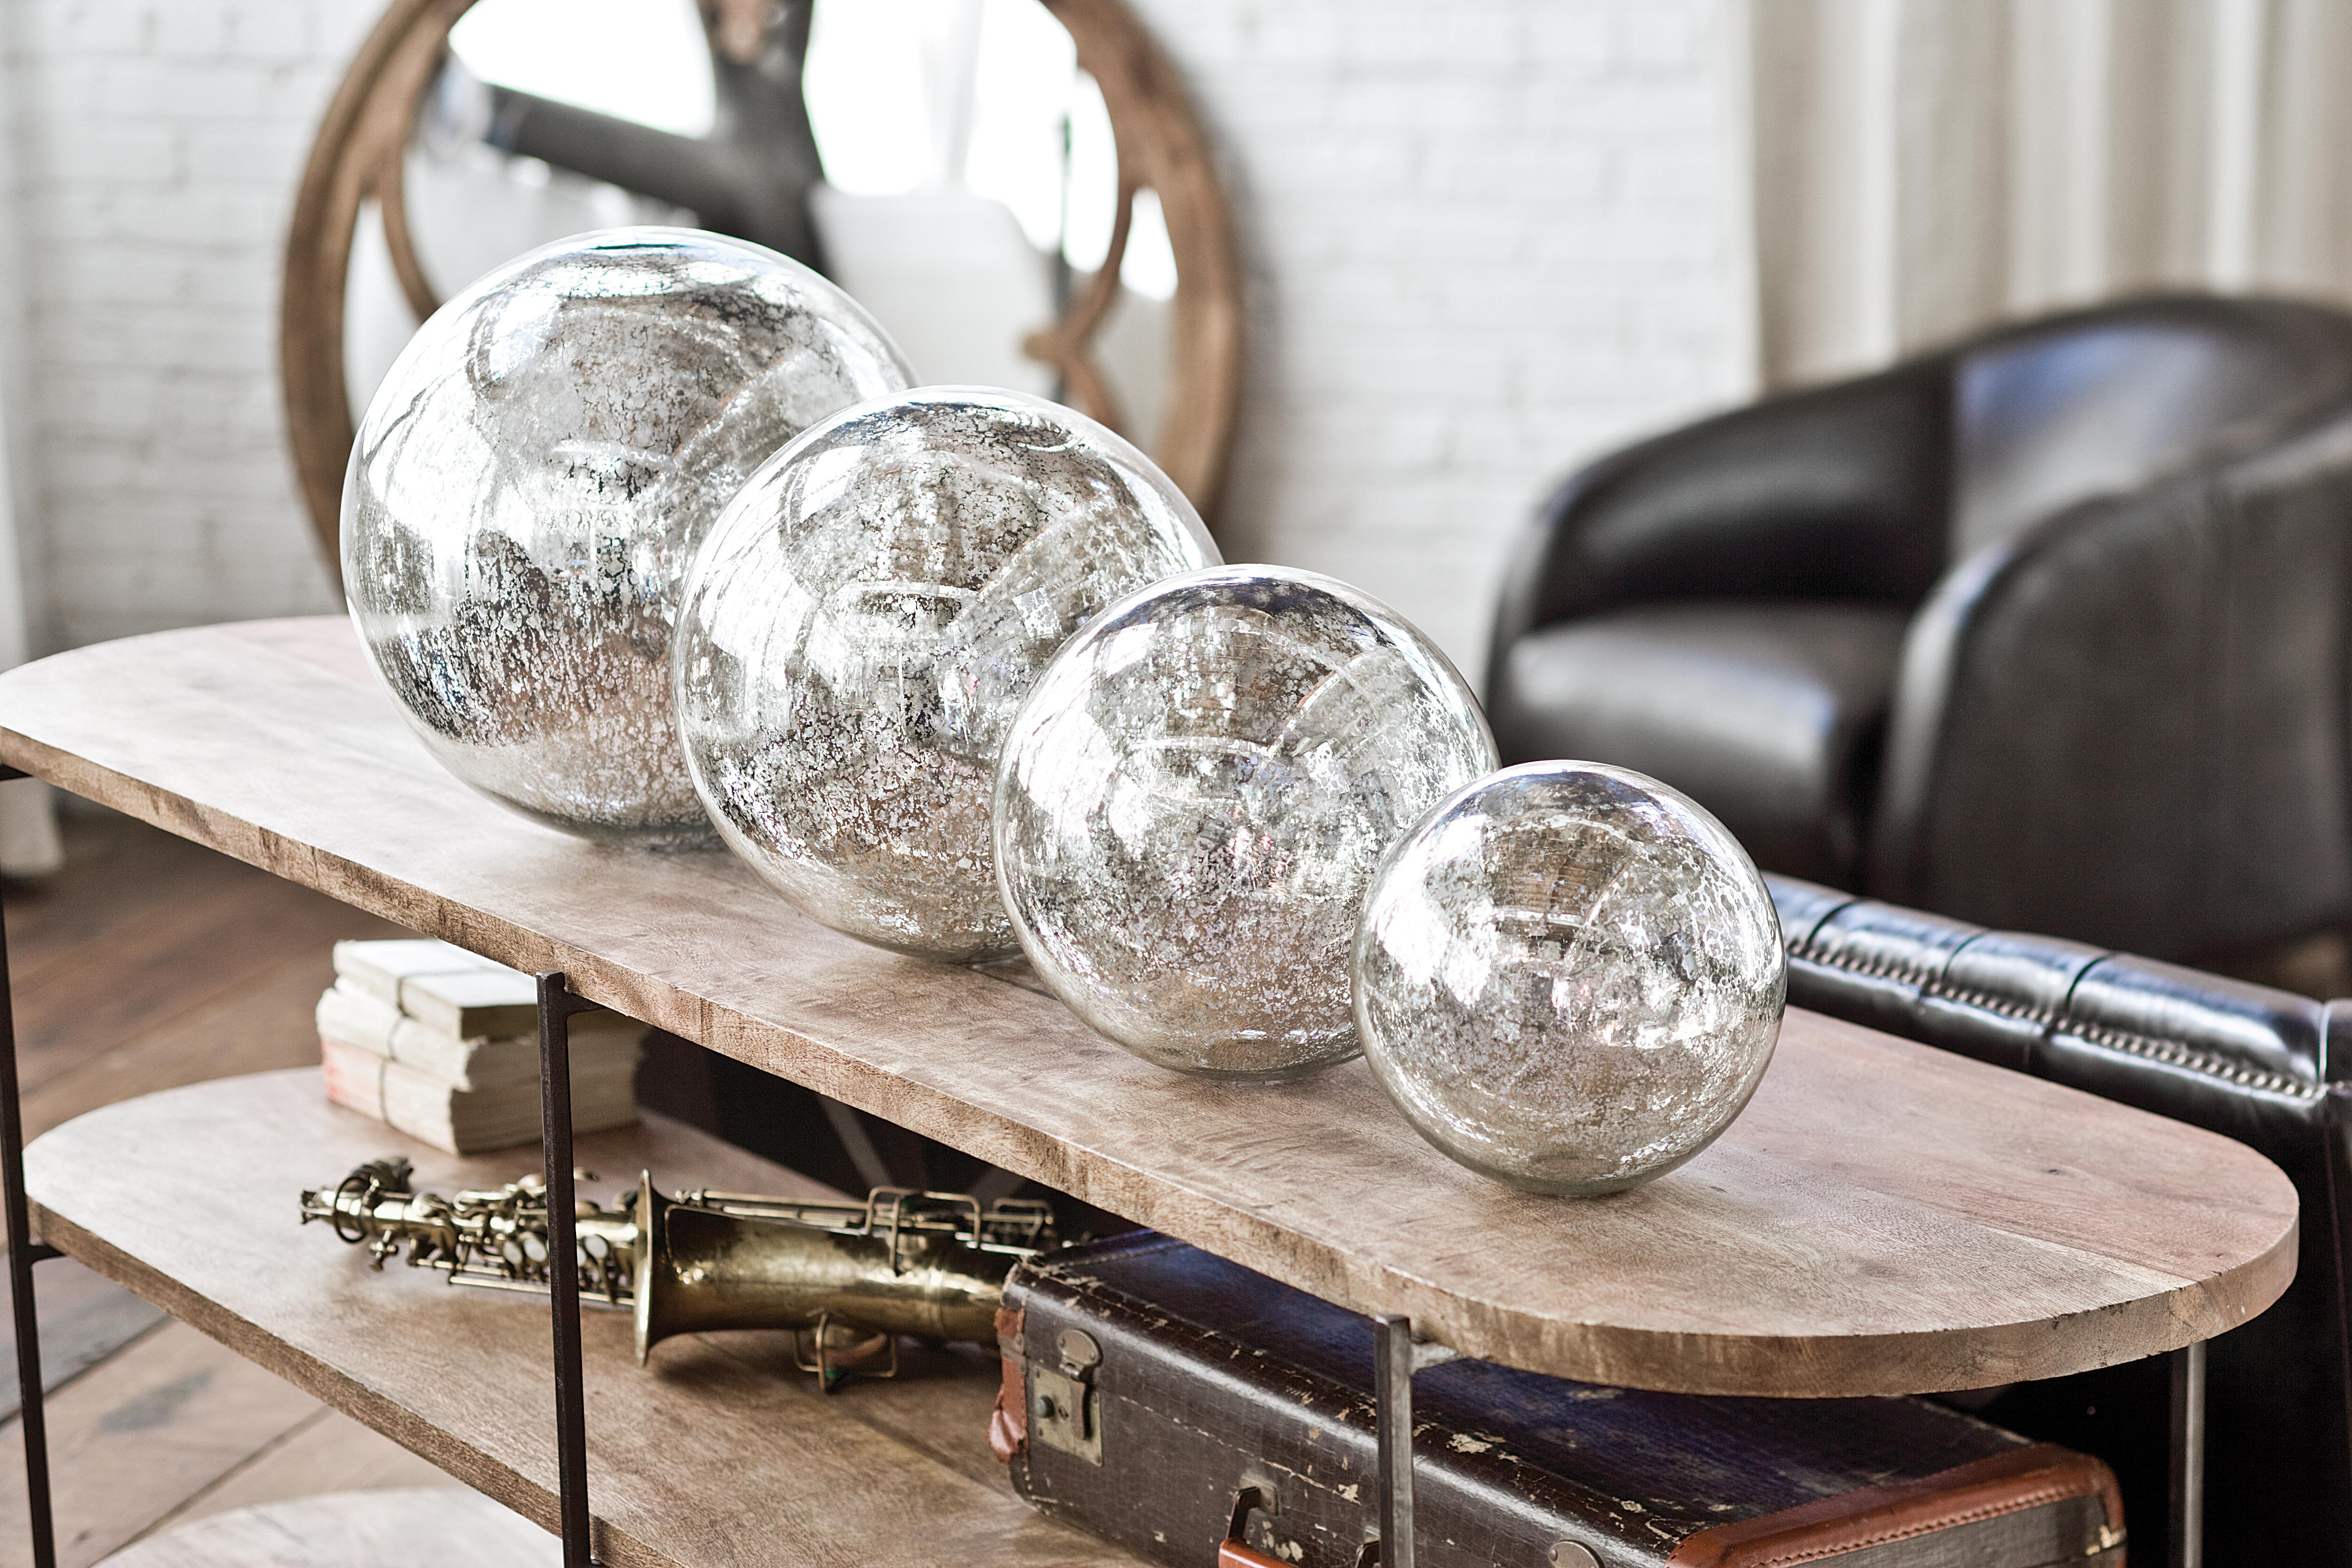 Source: Regina Andrew Design / Perigold &quot;width =&quot; 380 &quot;height =&quot; 254 &quot;data-caption =&quot; Perigold présente des accents et des meubles de maison de luxe, tels que ces sphères de verre mercuré soufflées par Regina Andrew Design. &quot;/&gt; <q style=